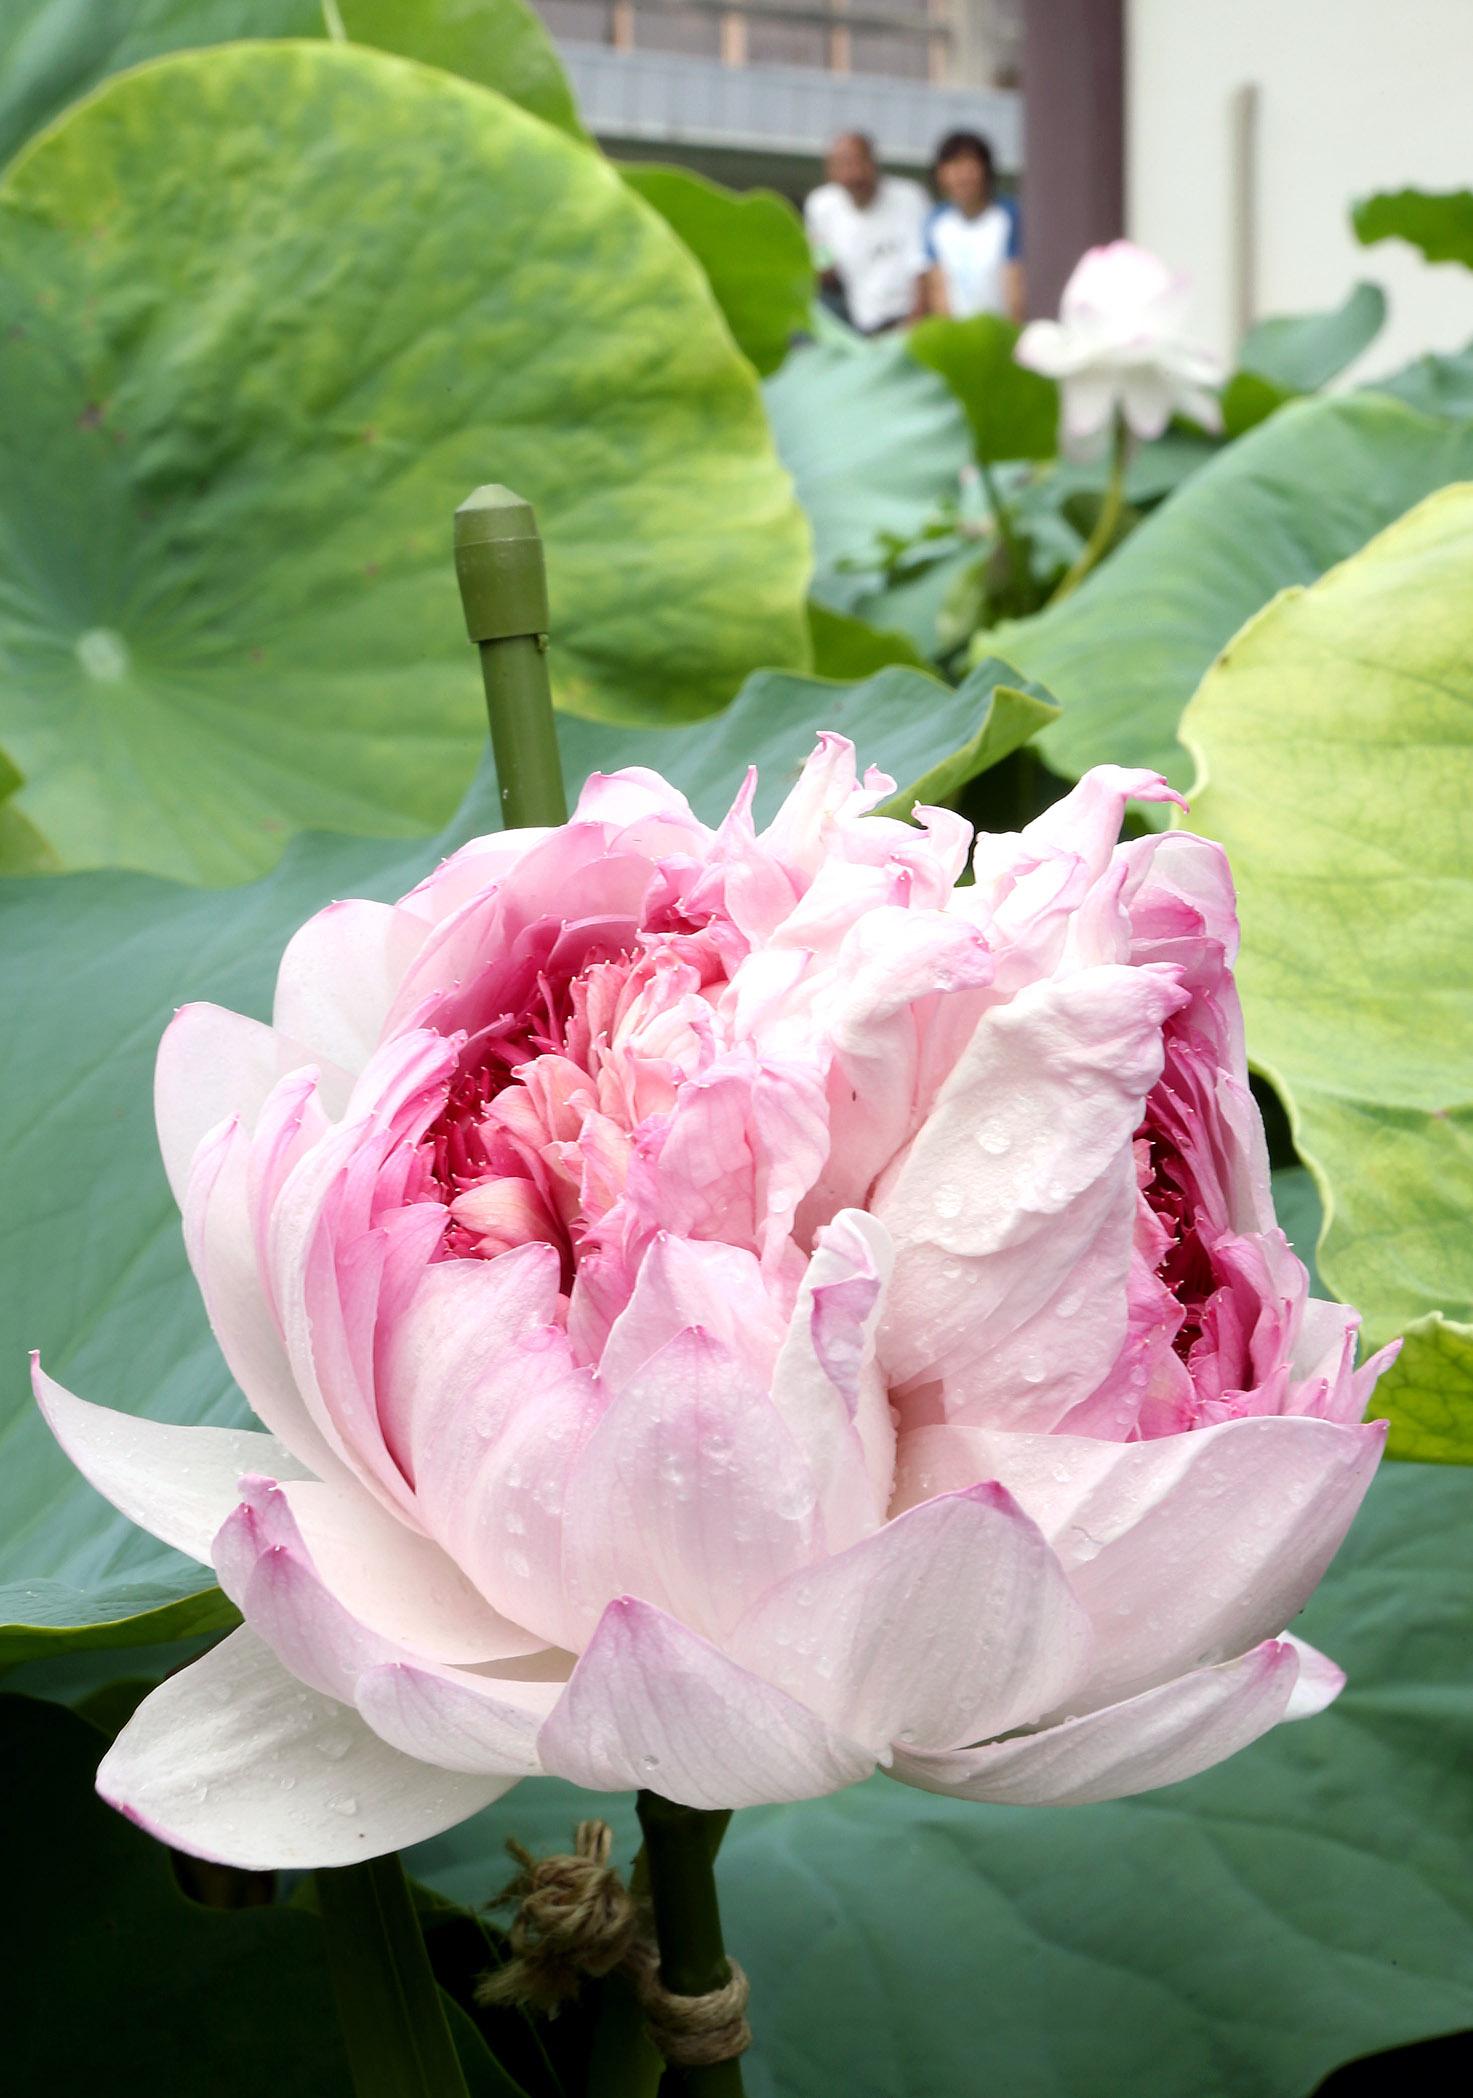 華やかに咲き誇る妙蓮=29日午前10時20分、金沢市神宮寺3丁目の持明院